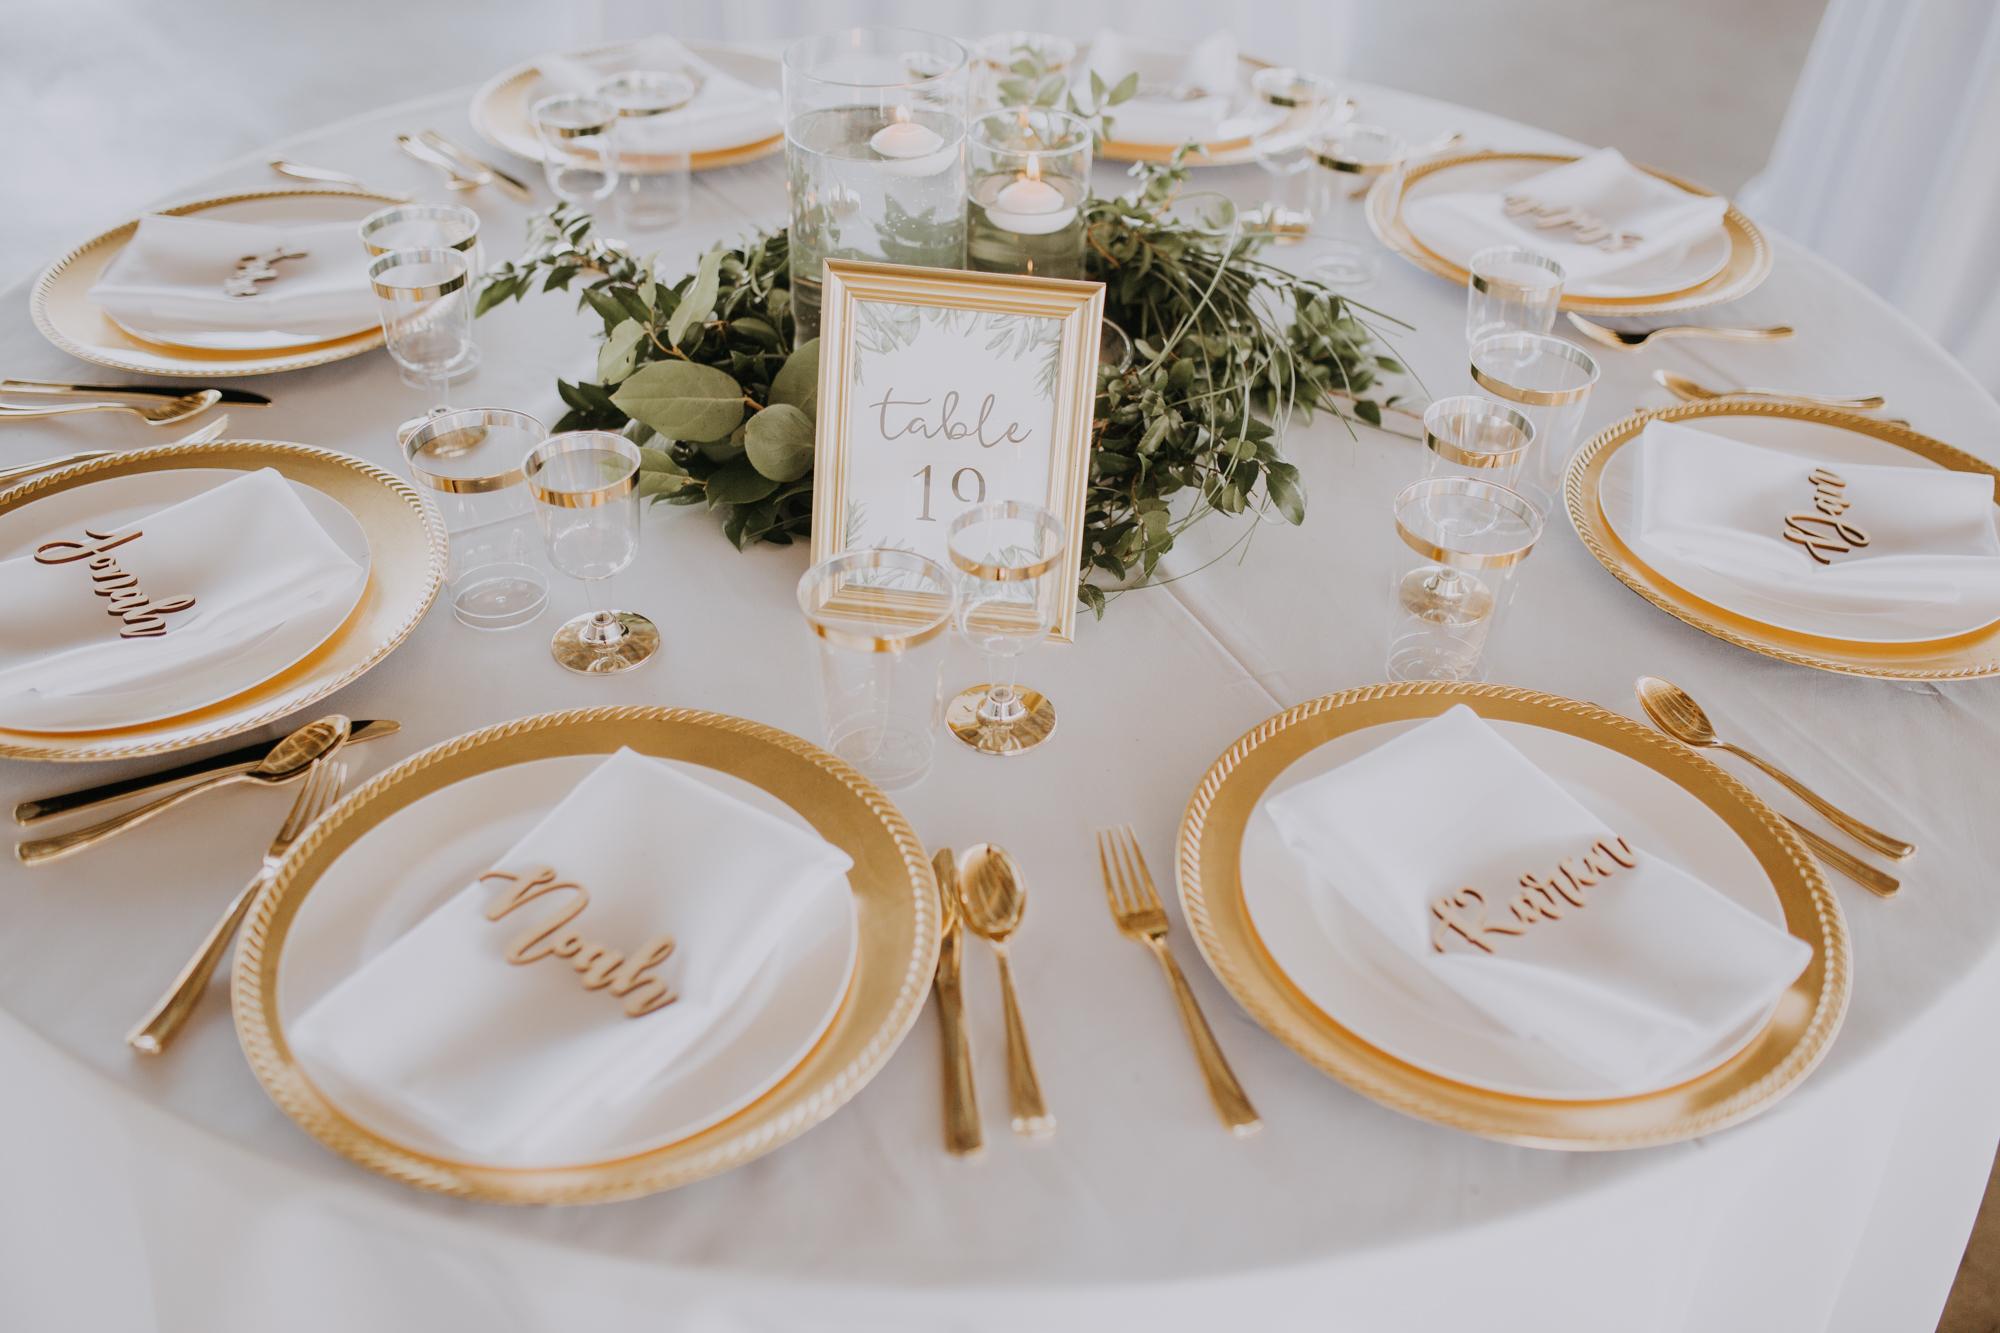 elegant boho place settings | elegant white and gold table setting | elegant white and green wedding table decor | boho reception | outdoor Florida wedding